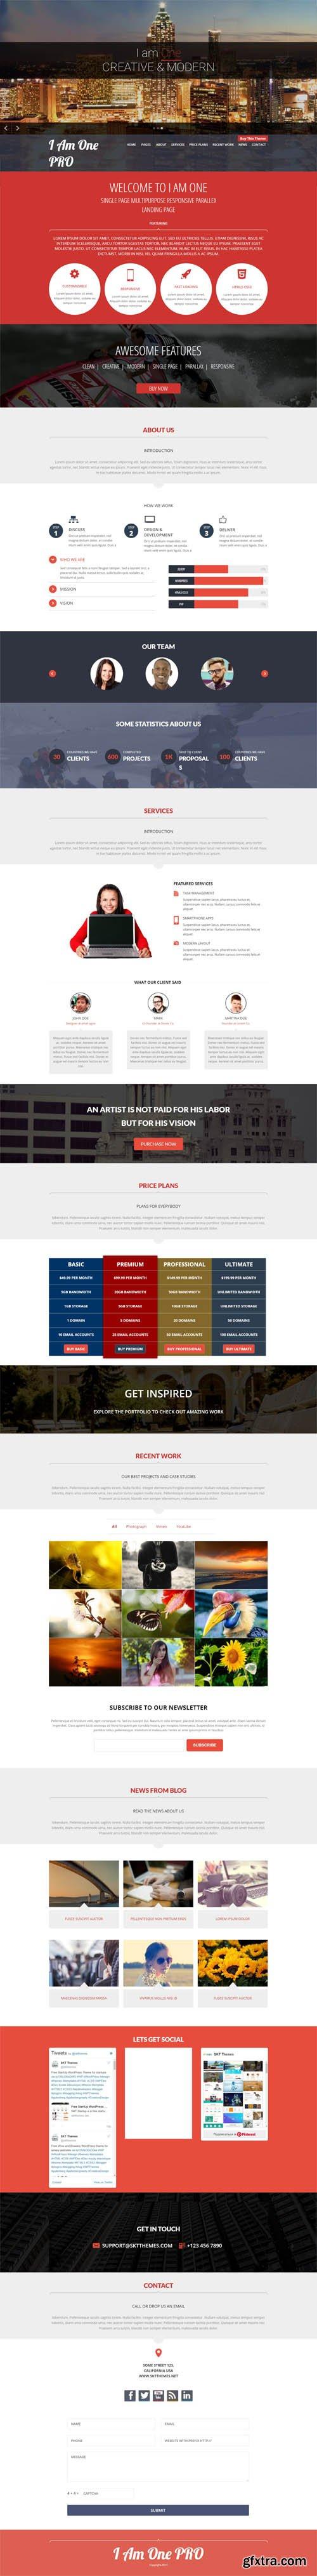 SKT Themes - I Am One Pro v2.0 - Responsive WordPress Theme